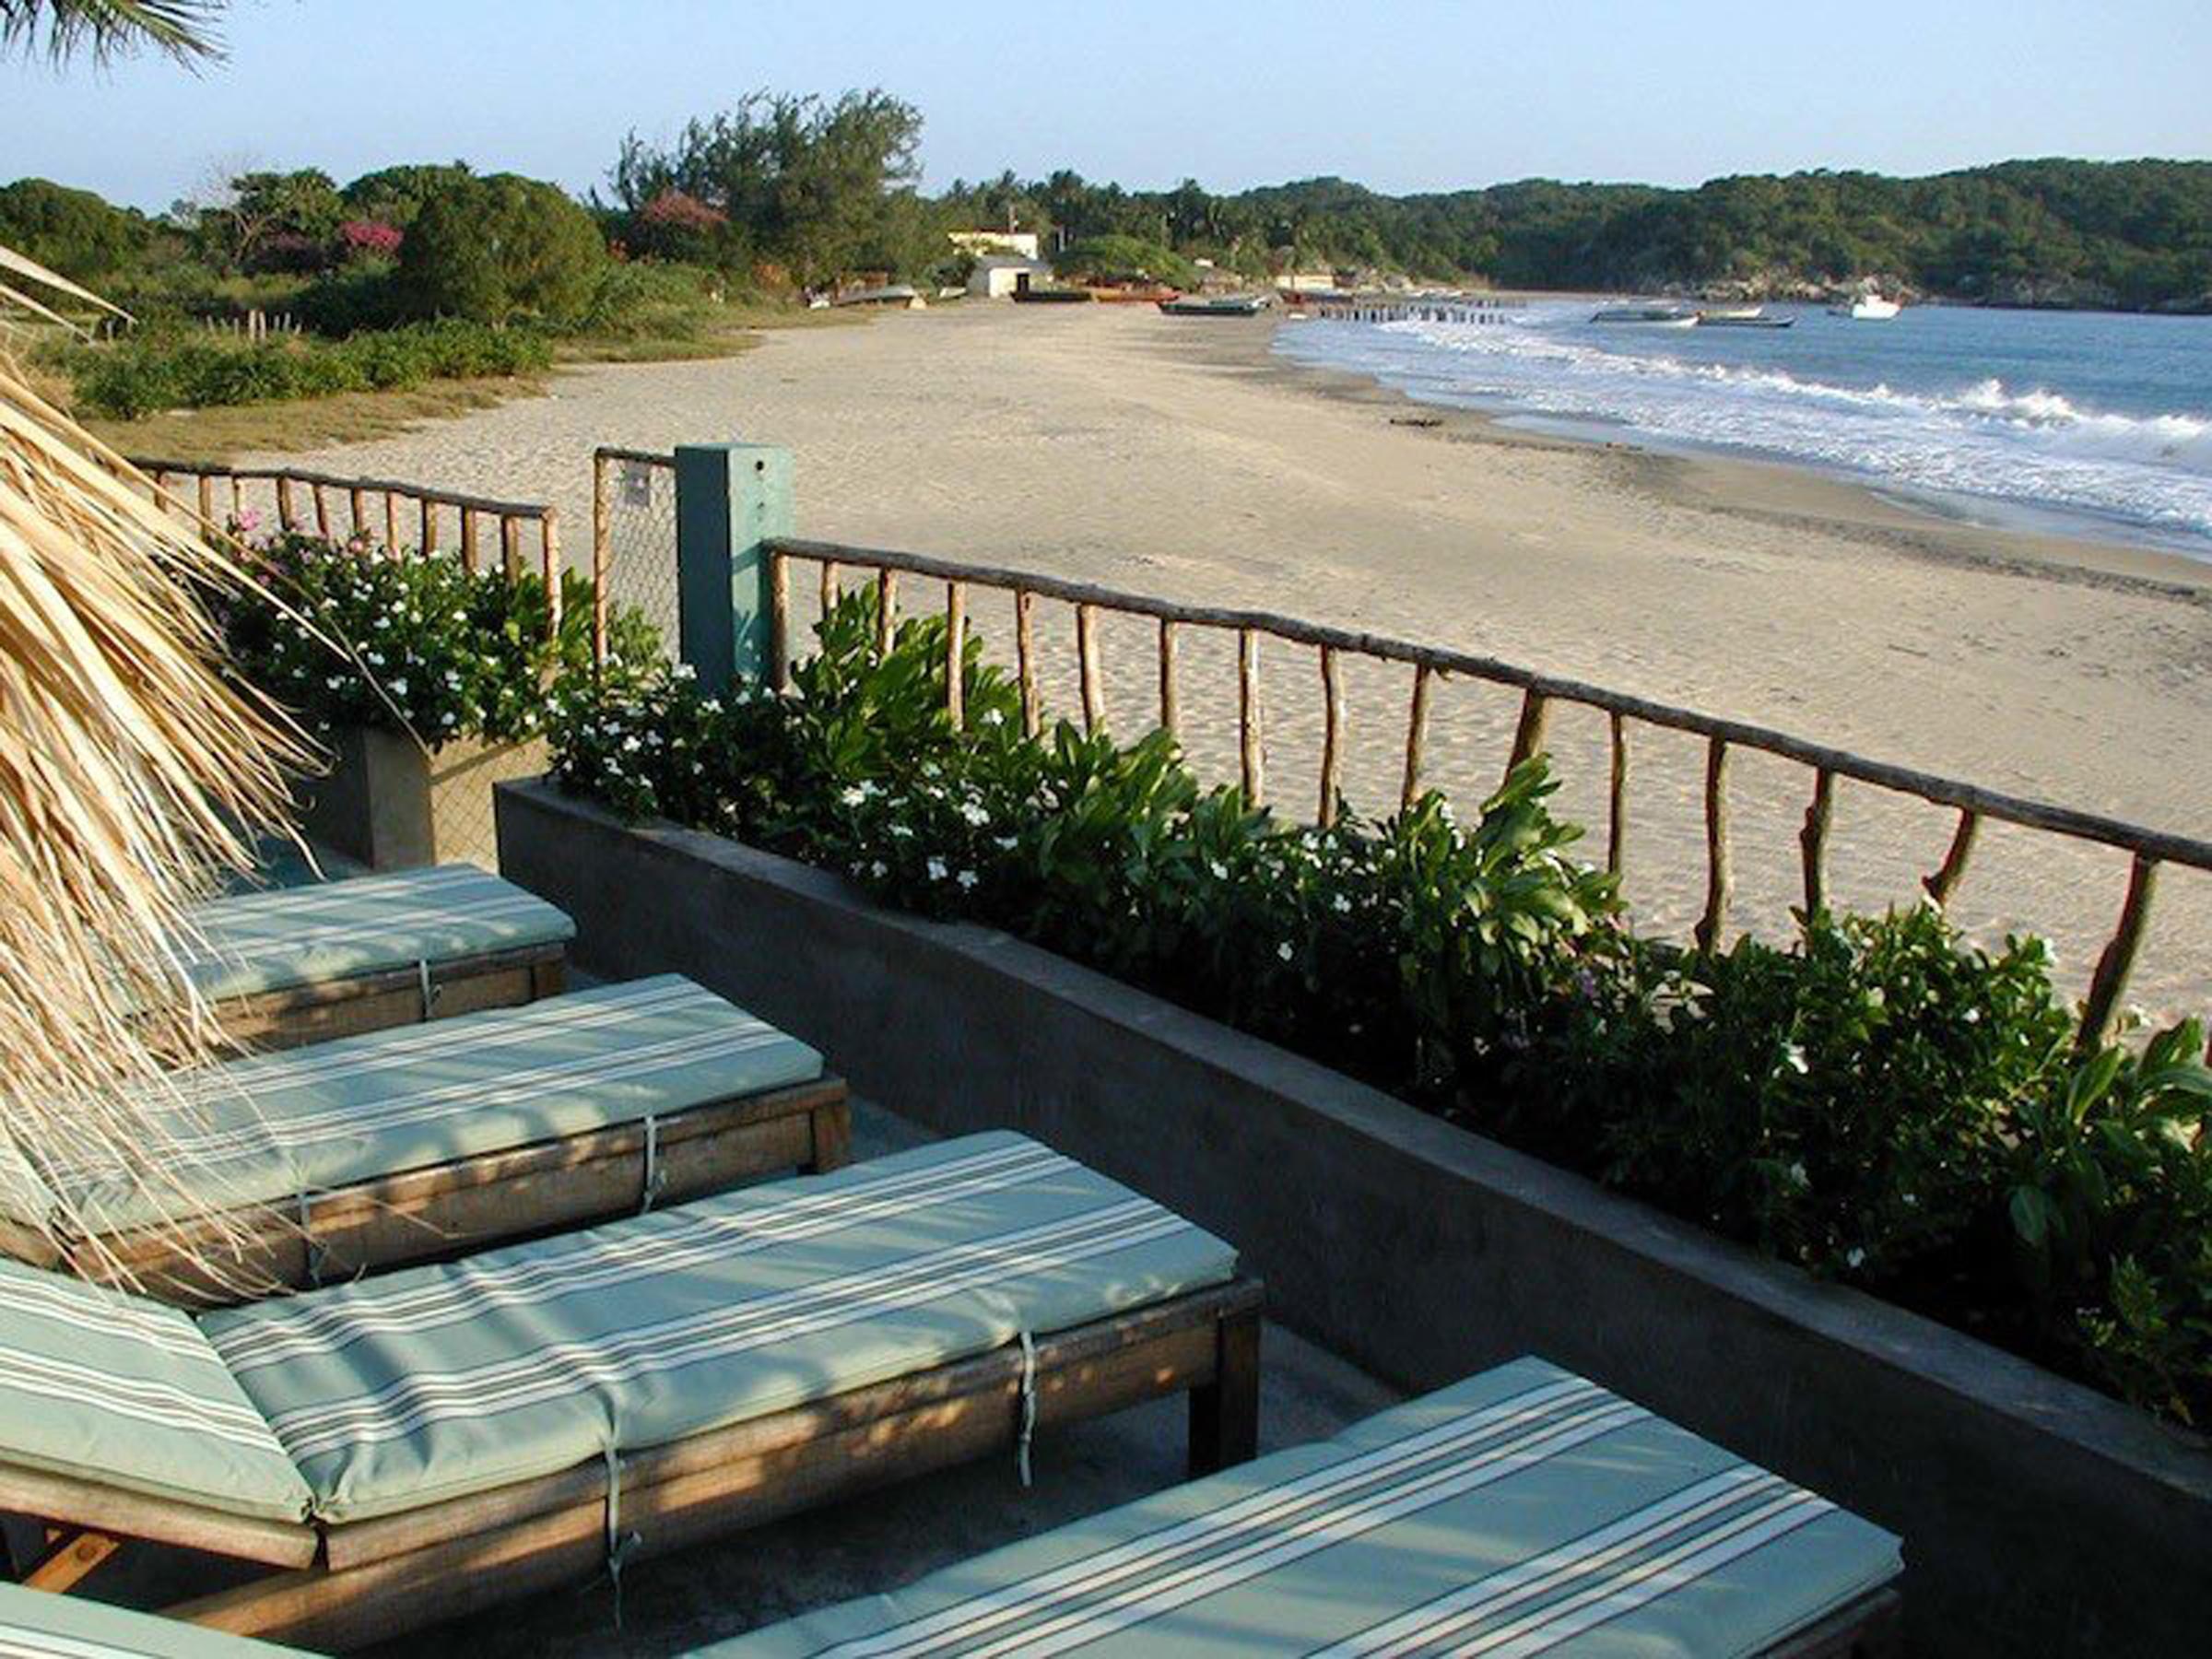 Blue_Marlin_Coquina_Treasure_Beach_Jamaica_01.jpg